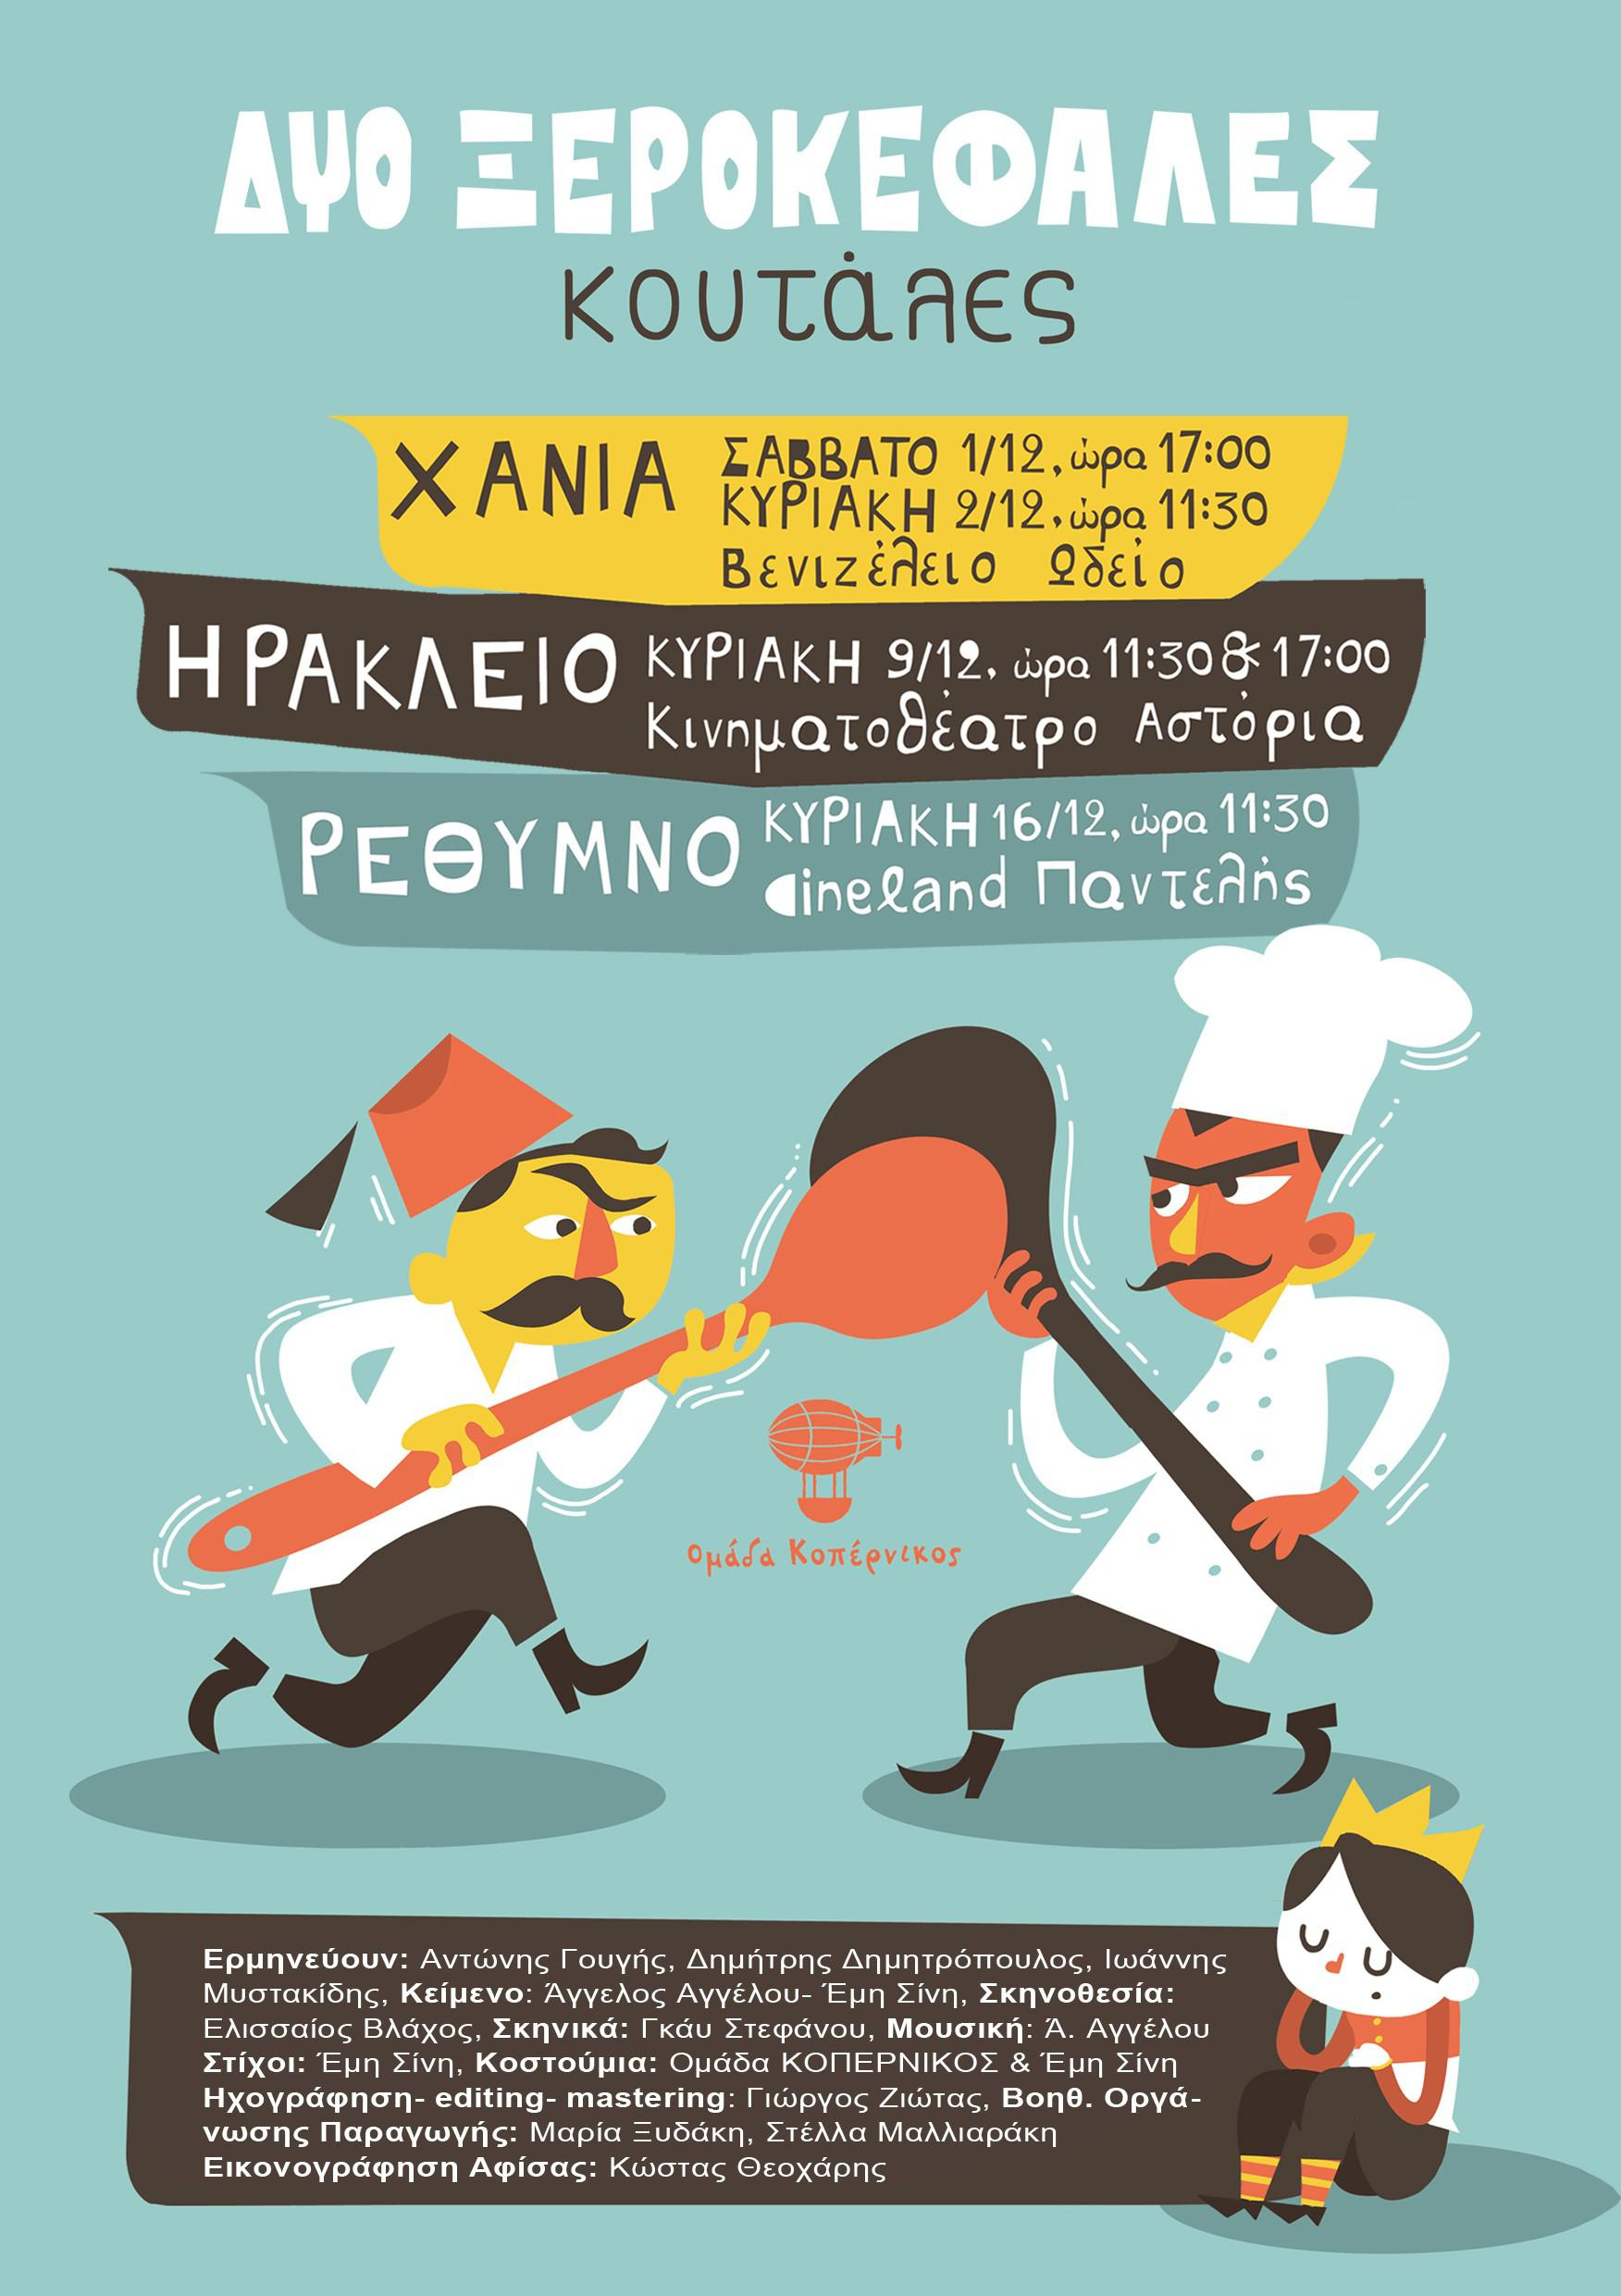 θεατρικές παραστάσεις της ομάδας ΚΟΠΕΡΝΙΚΟΣ στην Κρήτη